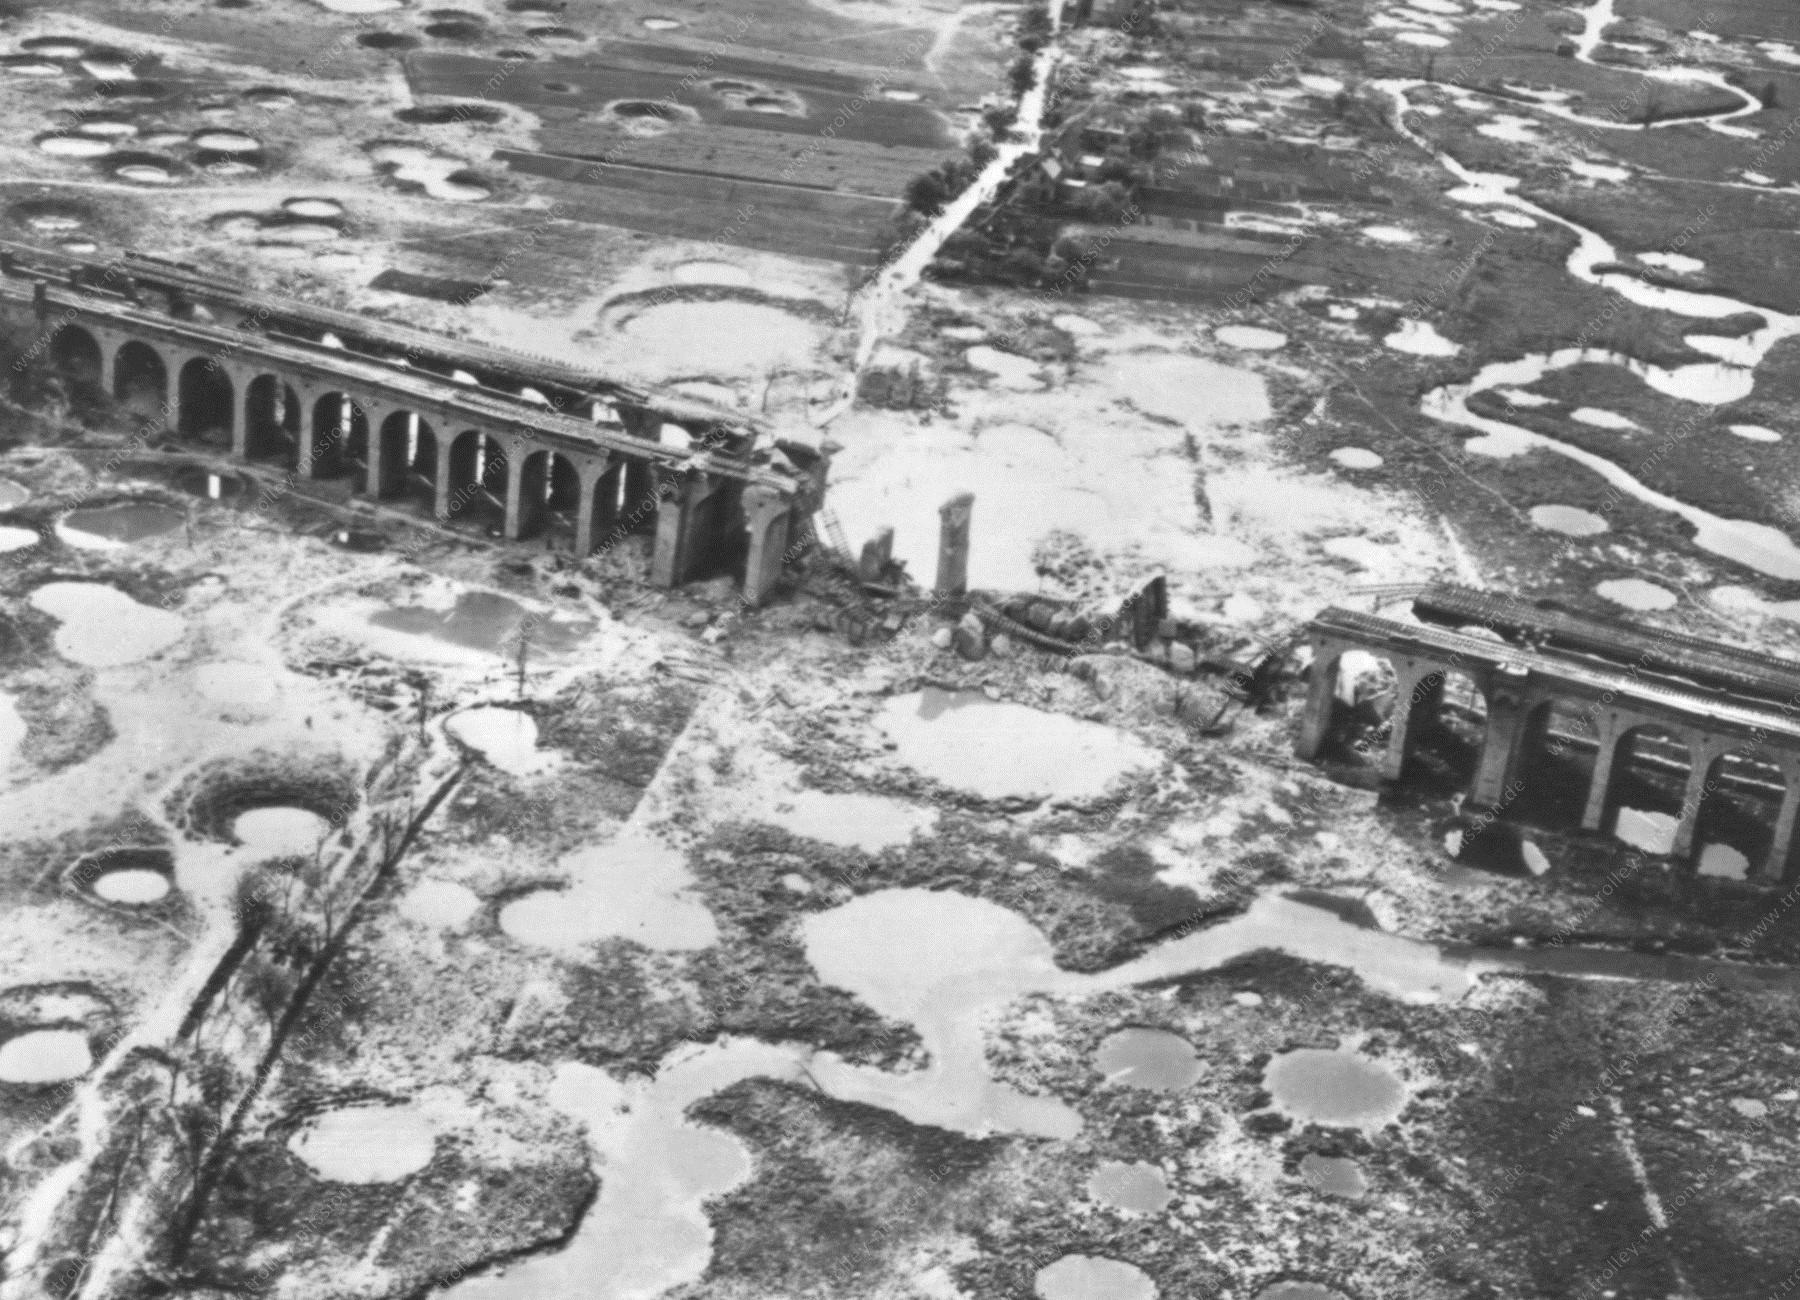 Bielefeld 1945 - Schildescher Viadukt nach den Fliegerbomben - Aufgenommen aus Nordosten über dem heutigen Obersee